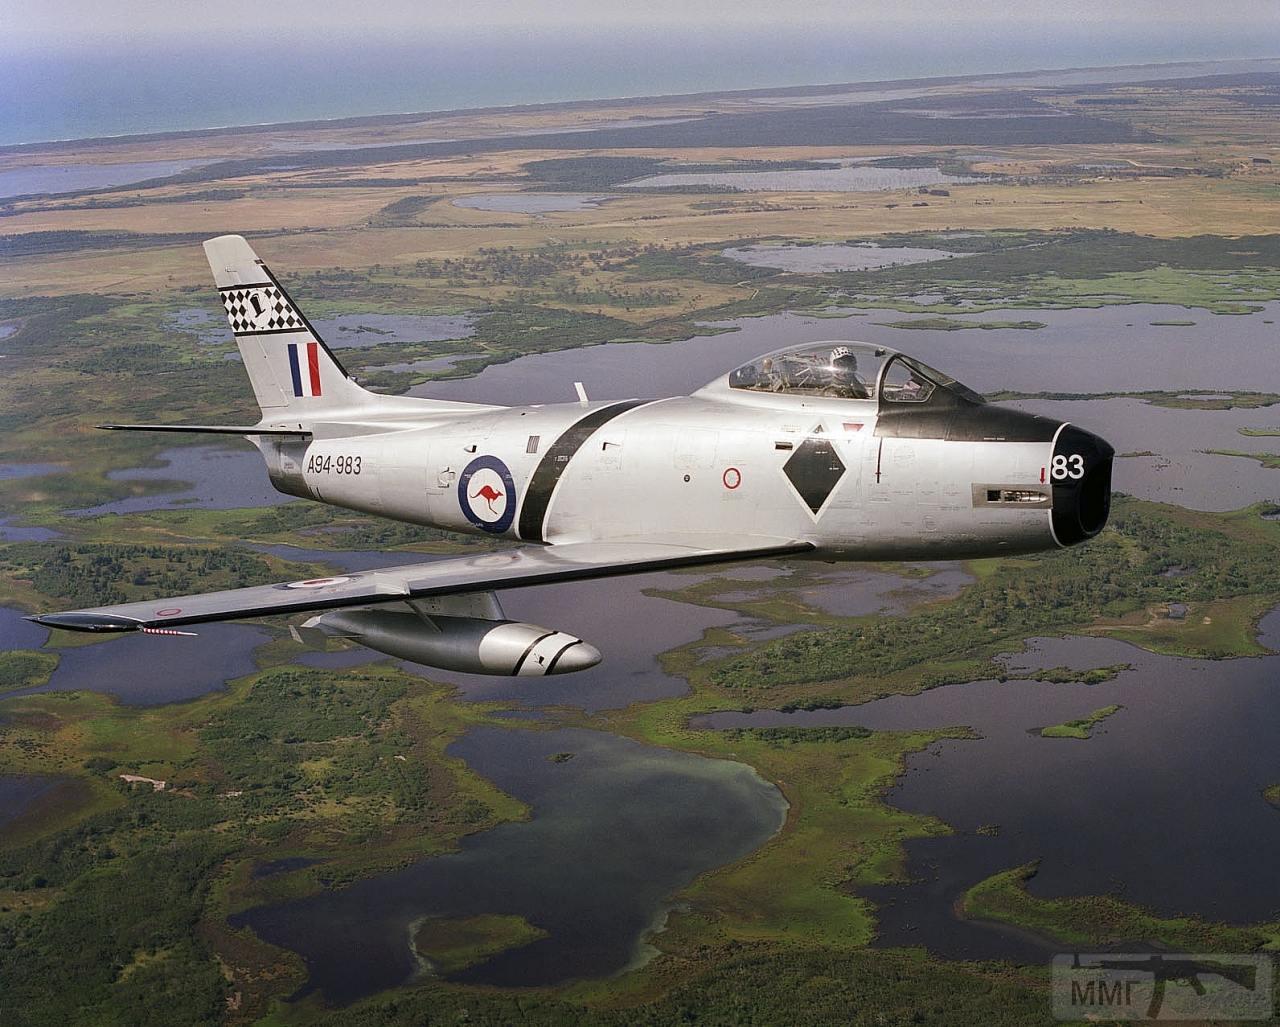 27202 - Красивые фото и видео боевых самолетов